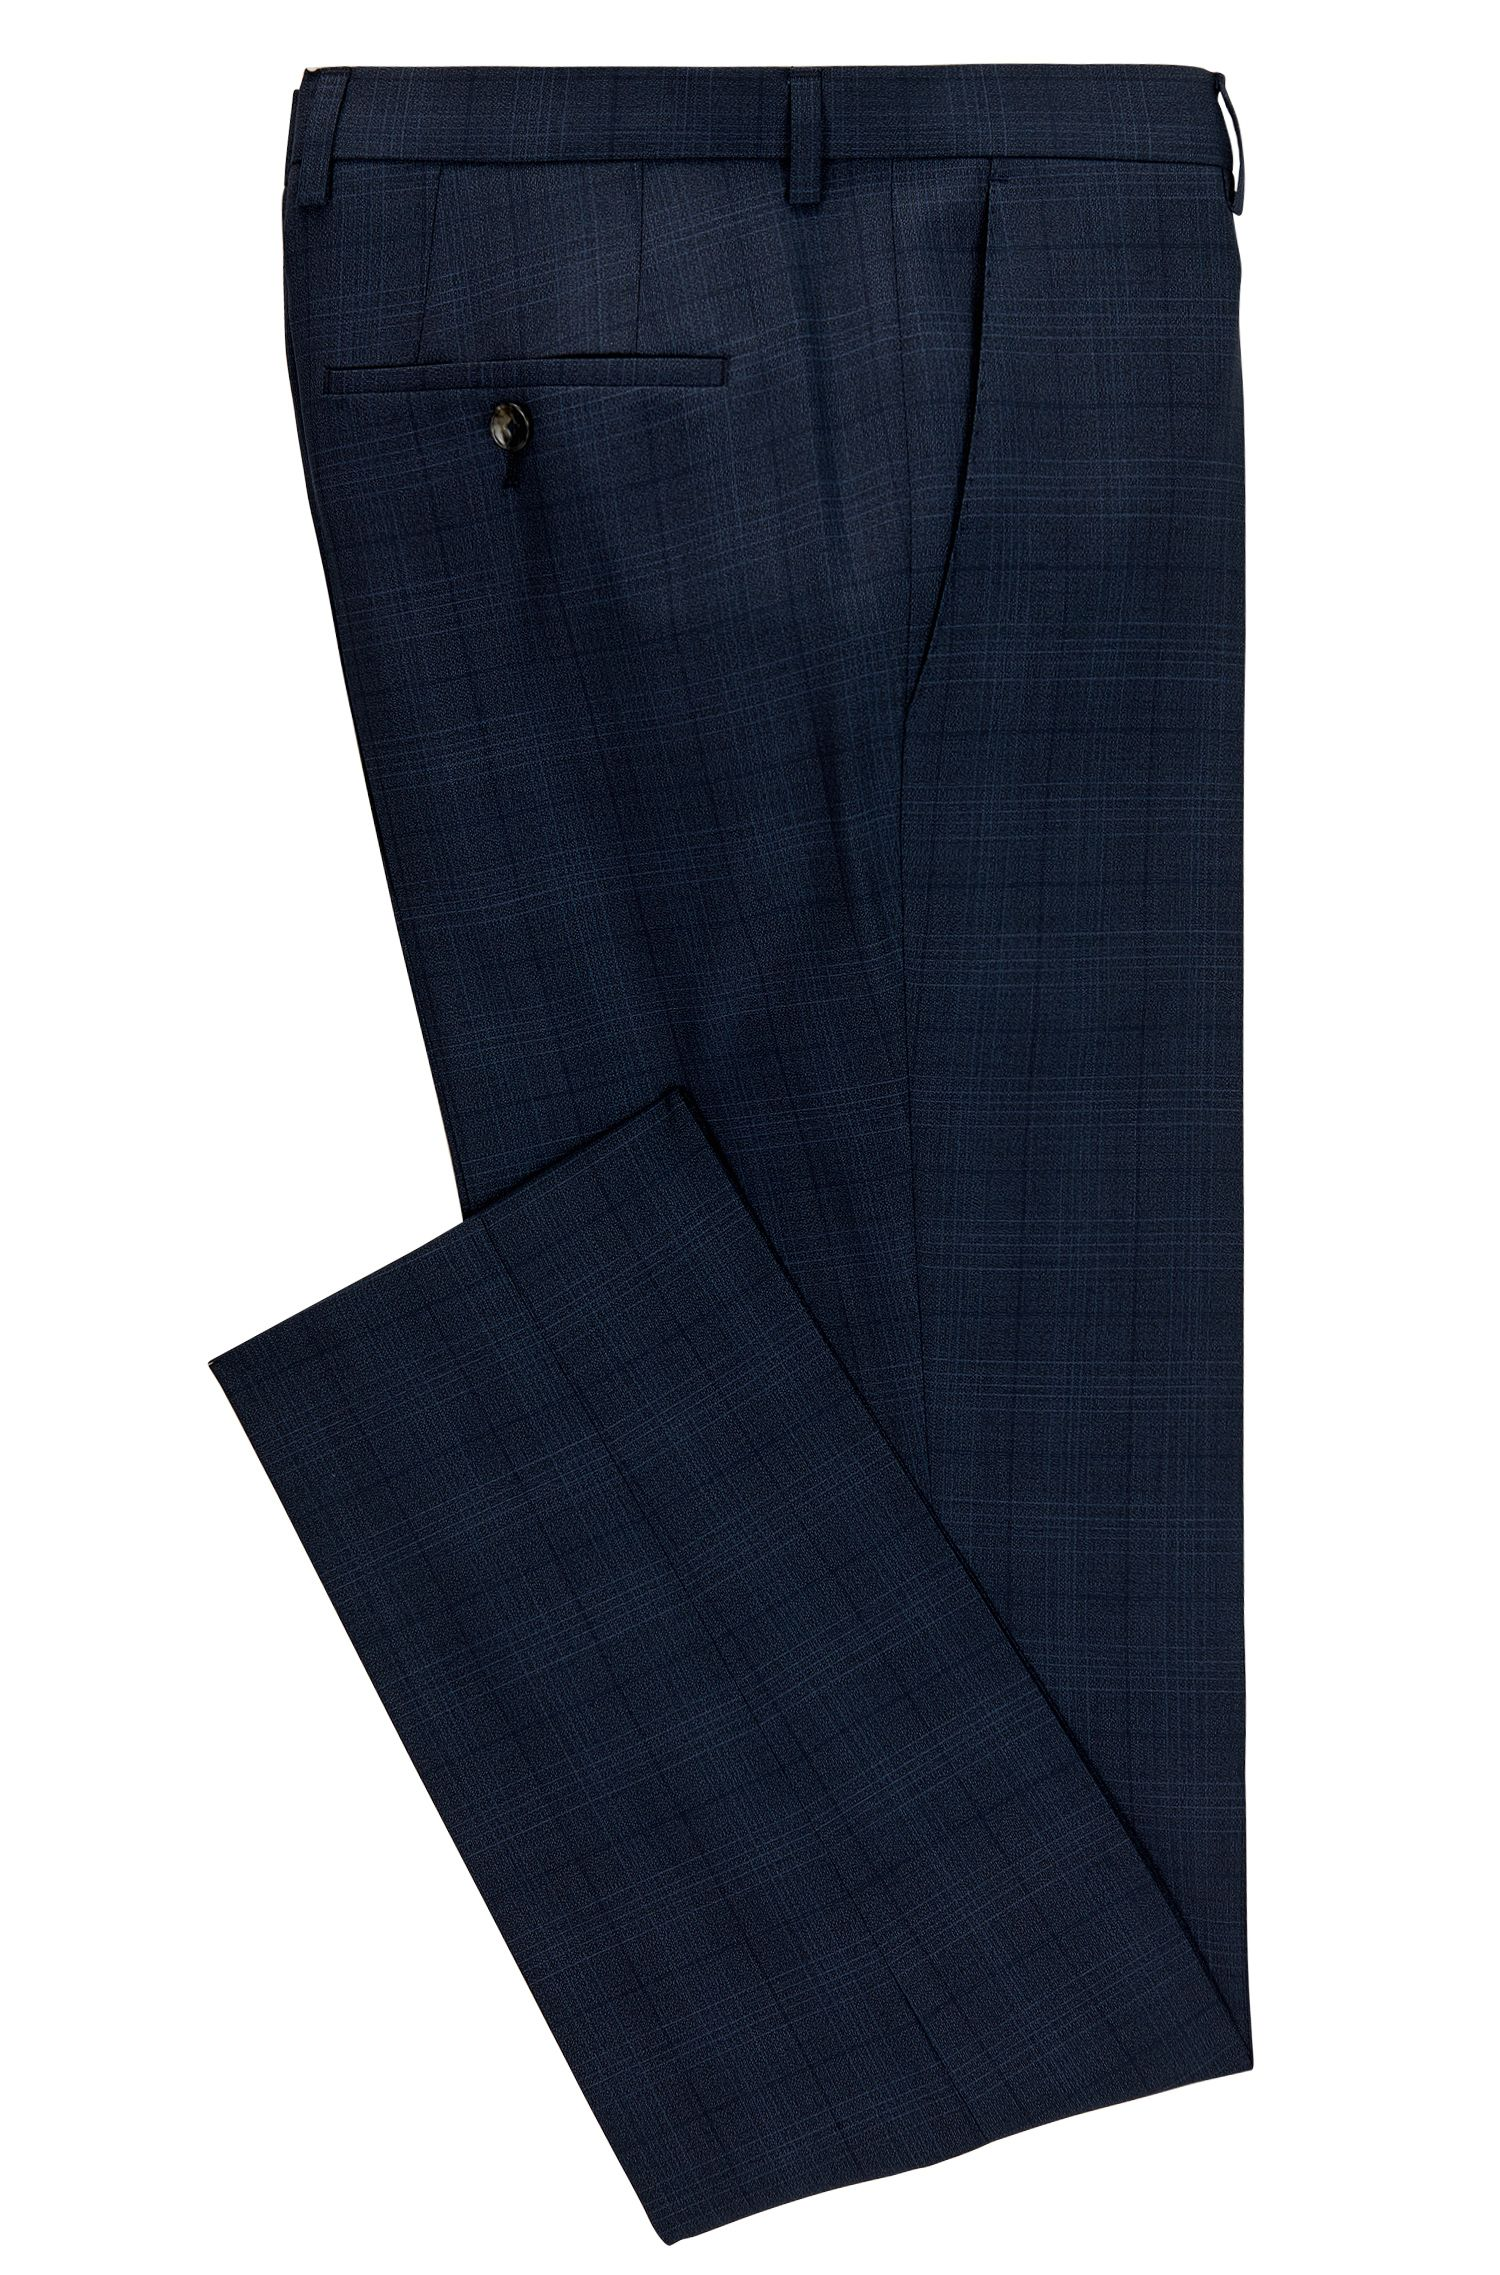 Glen Check Virgin Wool Dress Pant, Slim Fit   Genesis